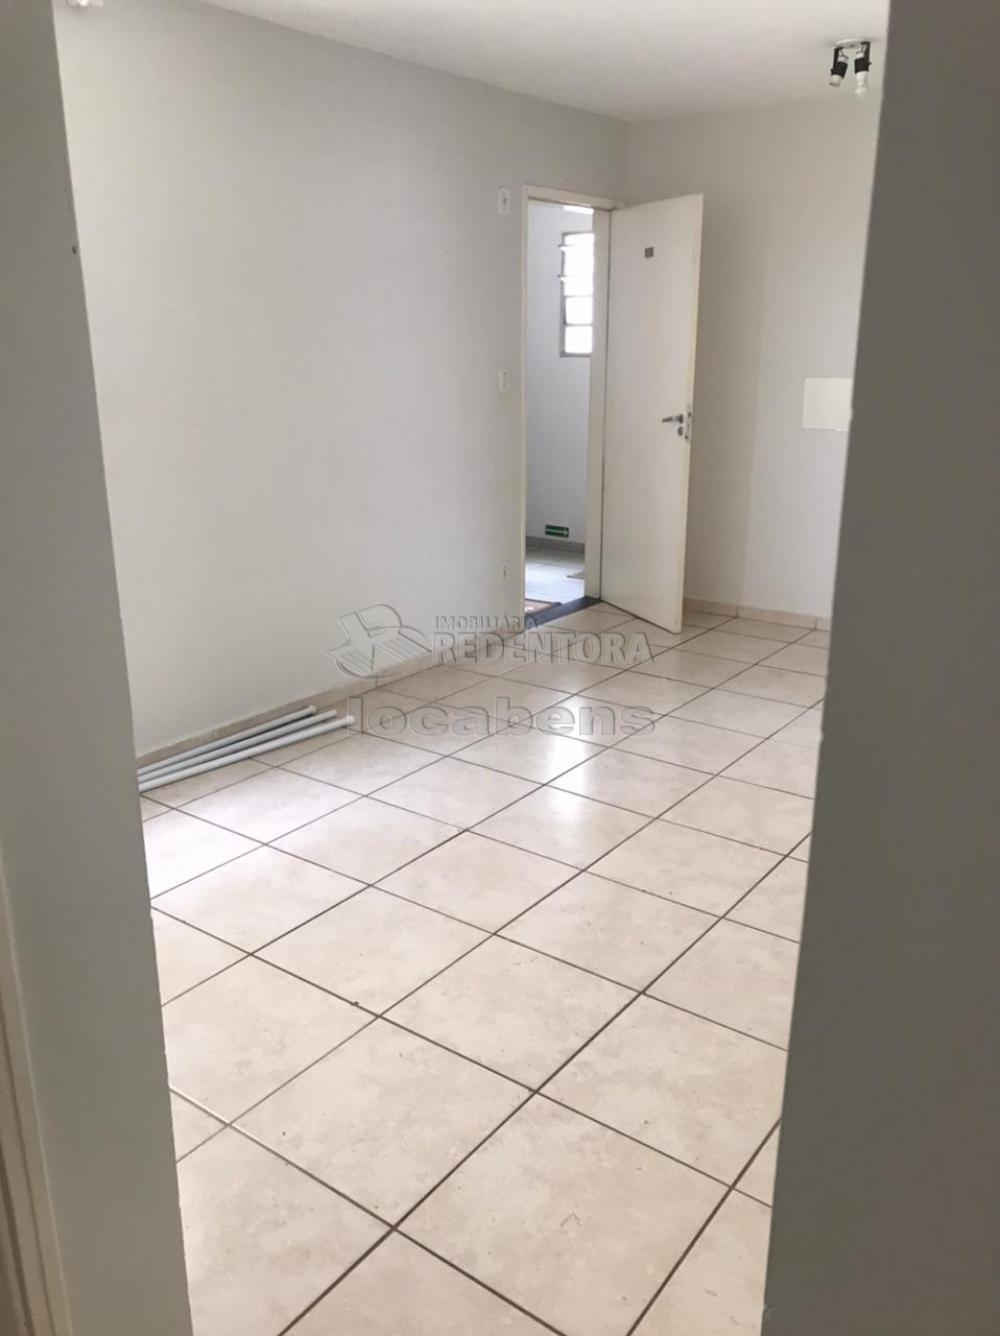 Comprar Apartamento / Padrão em Campinas apenas R$ 230.000,00 - Foto 15